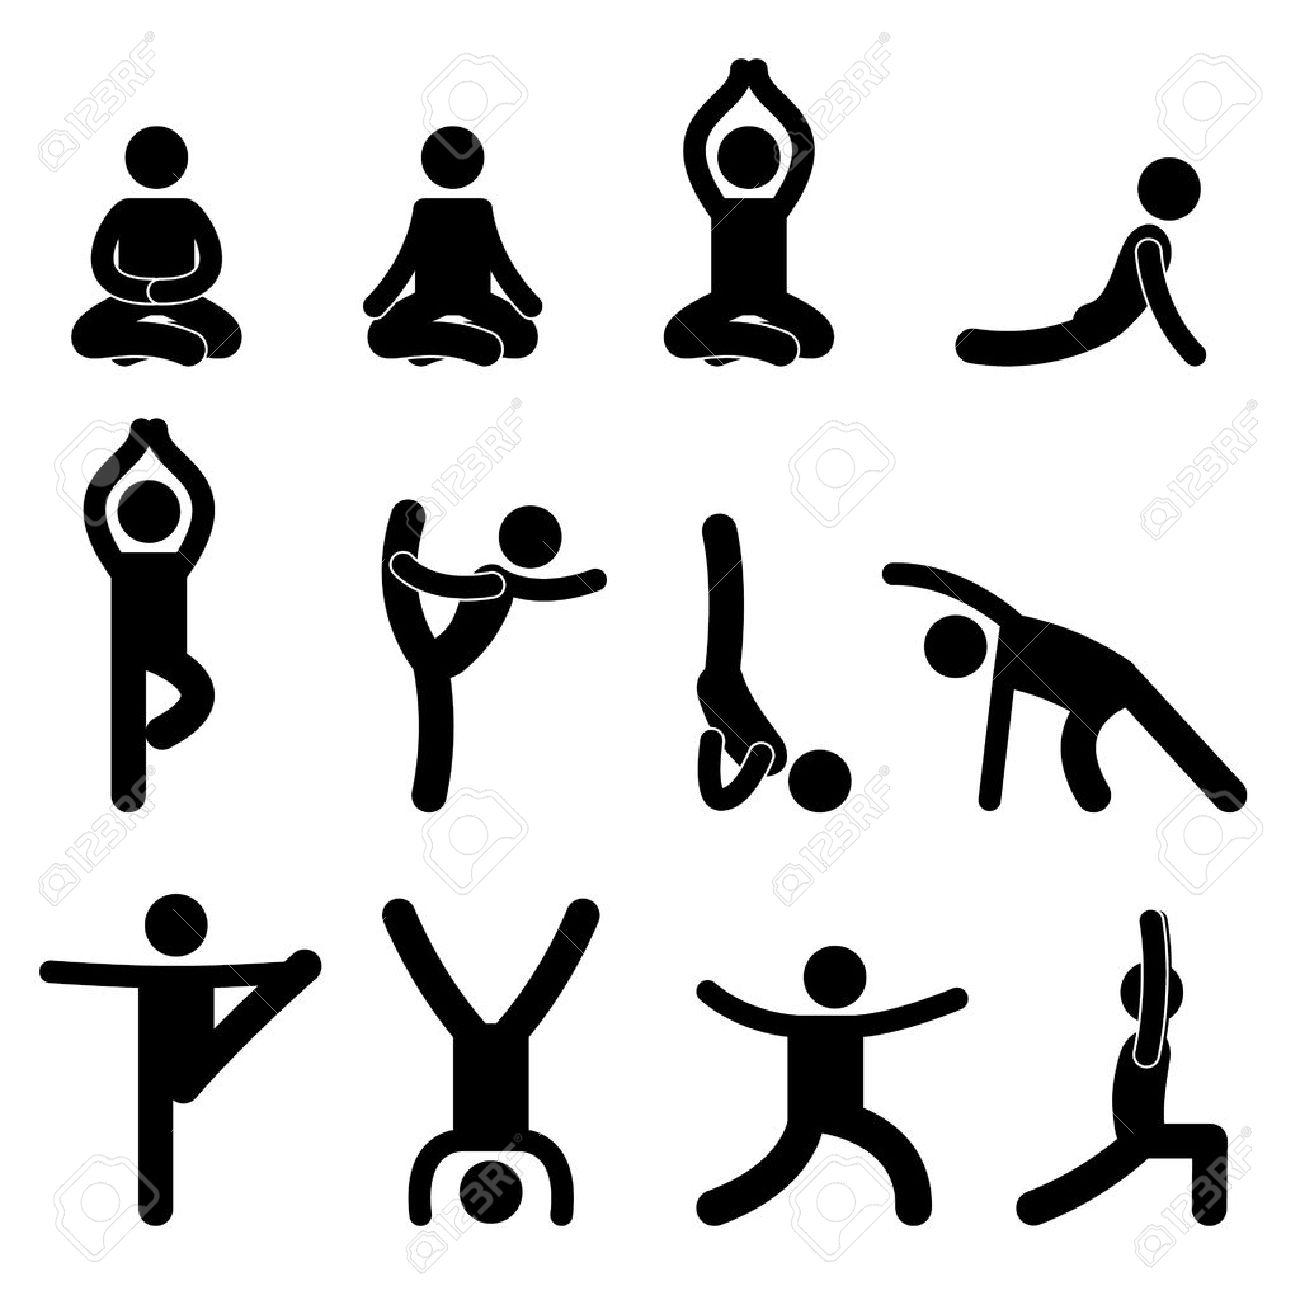 Exercice De Meditation Yoga Stretching Gens Icone Clip Art Libres De Droits Vecteurs Et Illustration Image 11102660